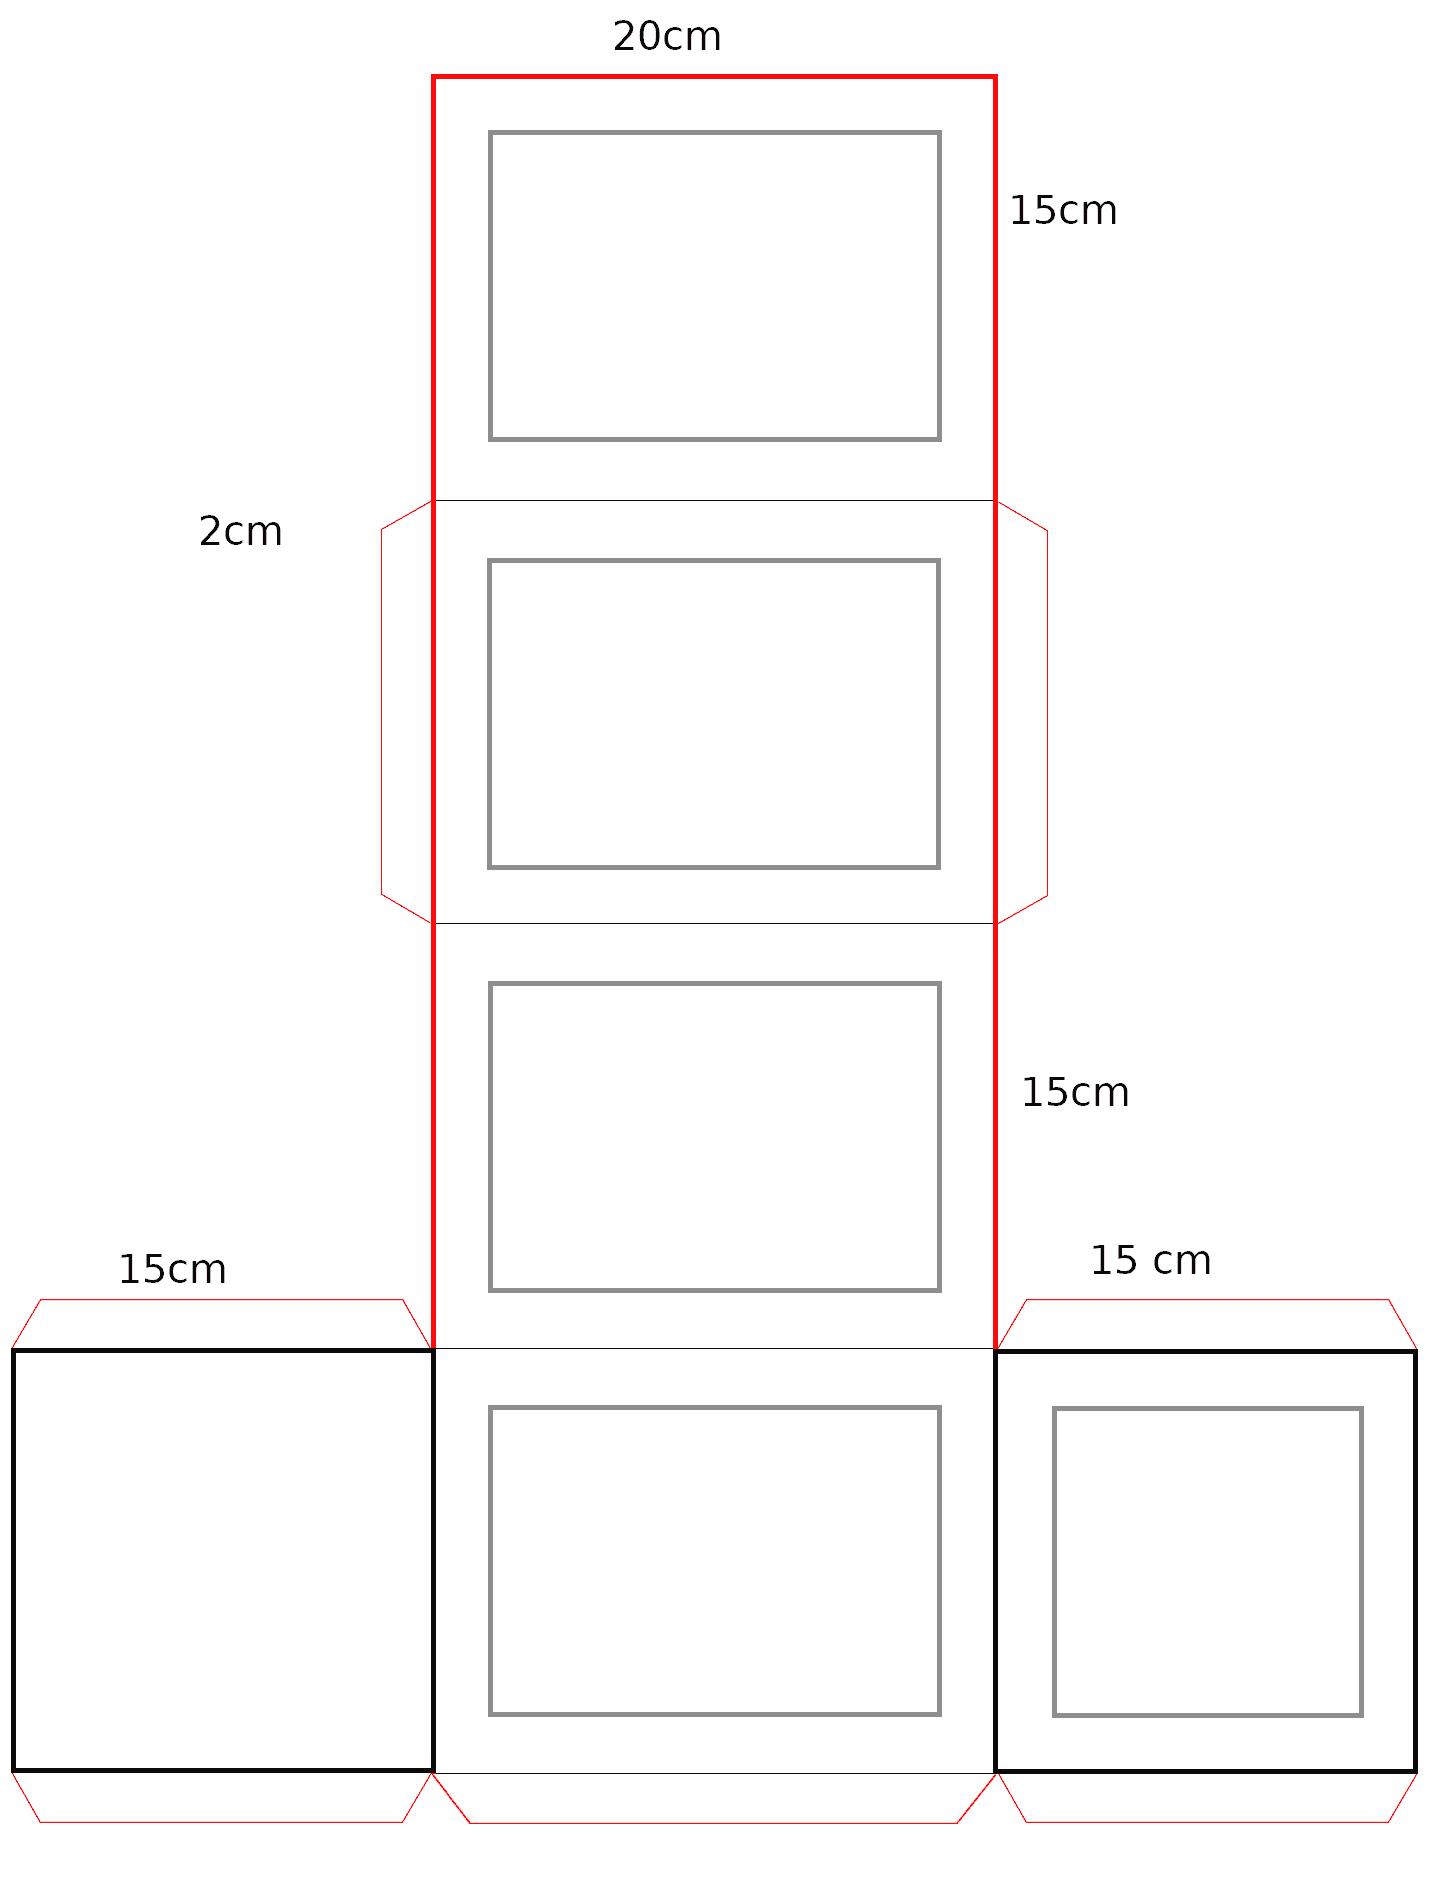 Maße der Laterne